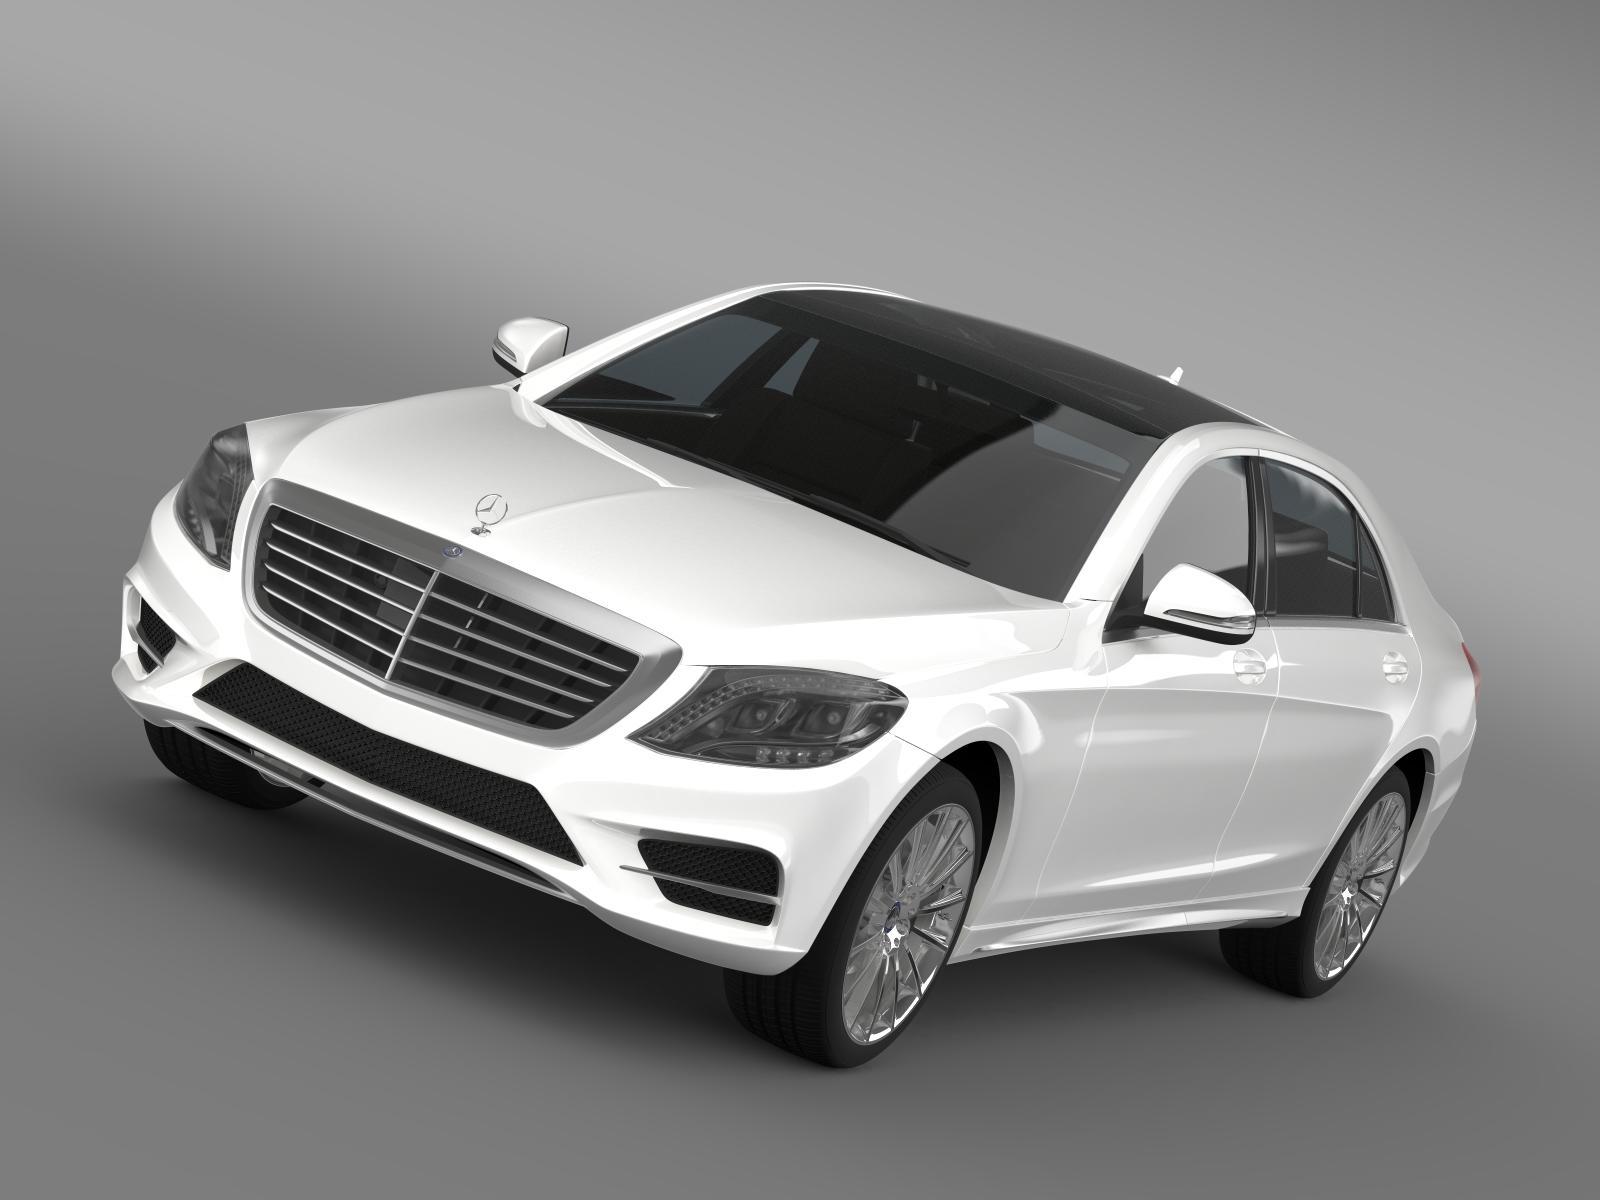 AMG Mercedes Benz s 500 stinga í blendingur w222 2014 3d með líkani 3ds max fbx c4d LWO MA Mb HRC XSi obj 205332